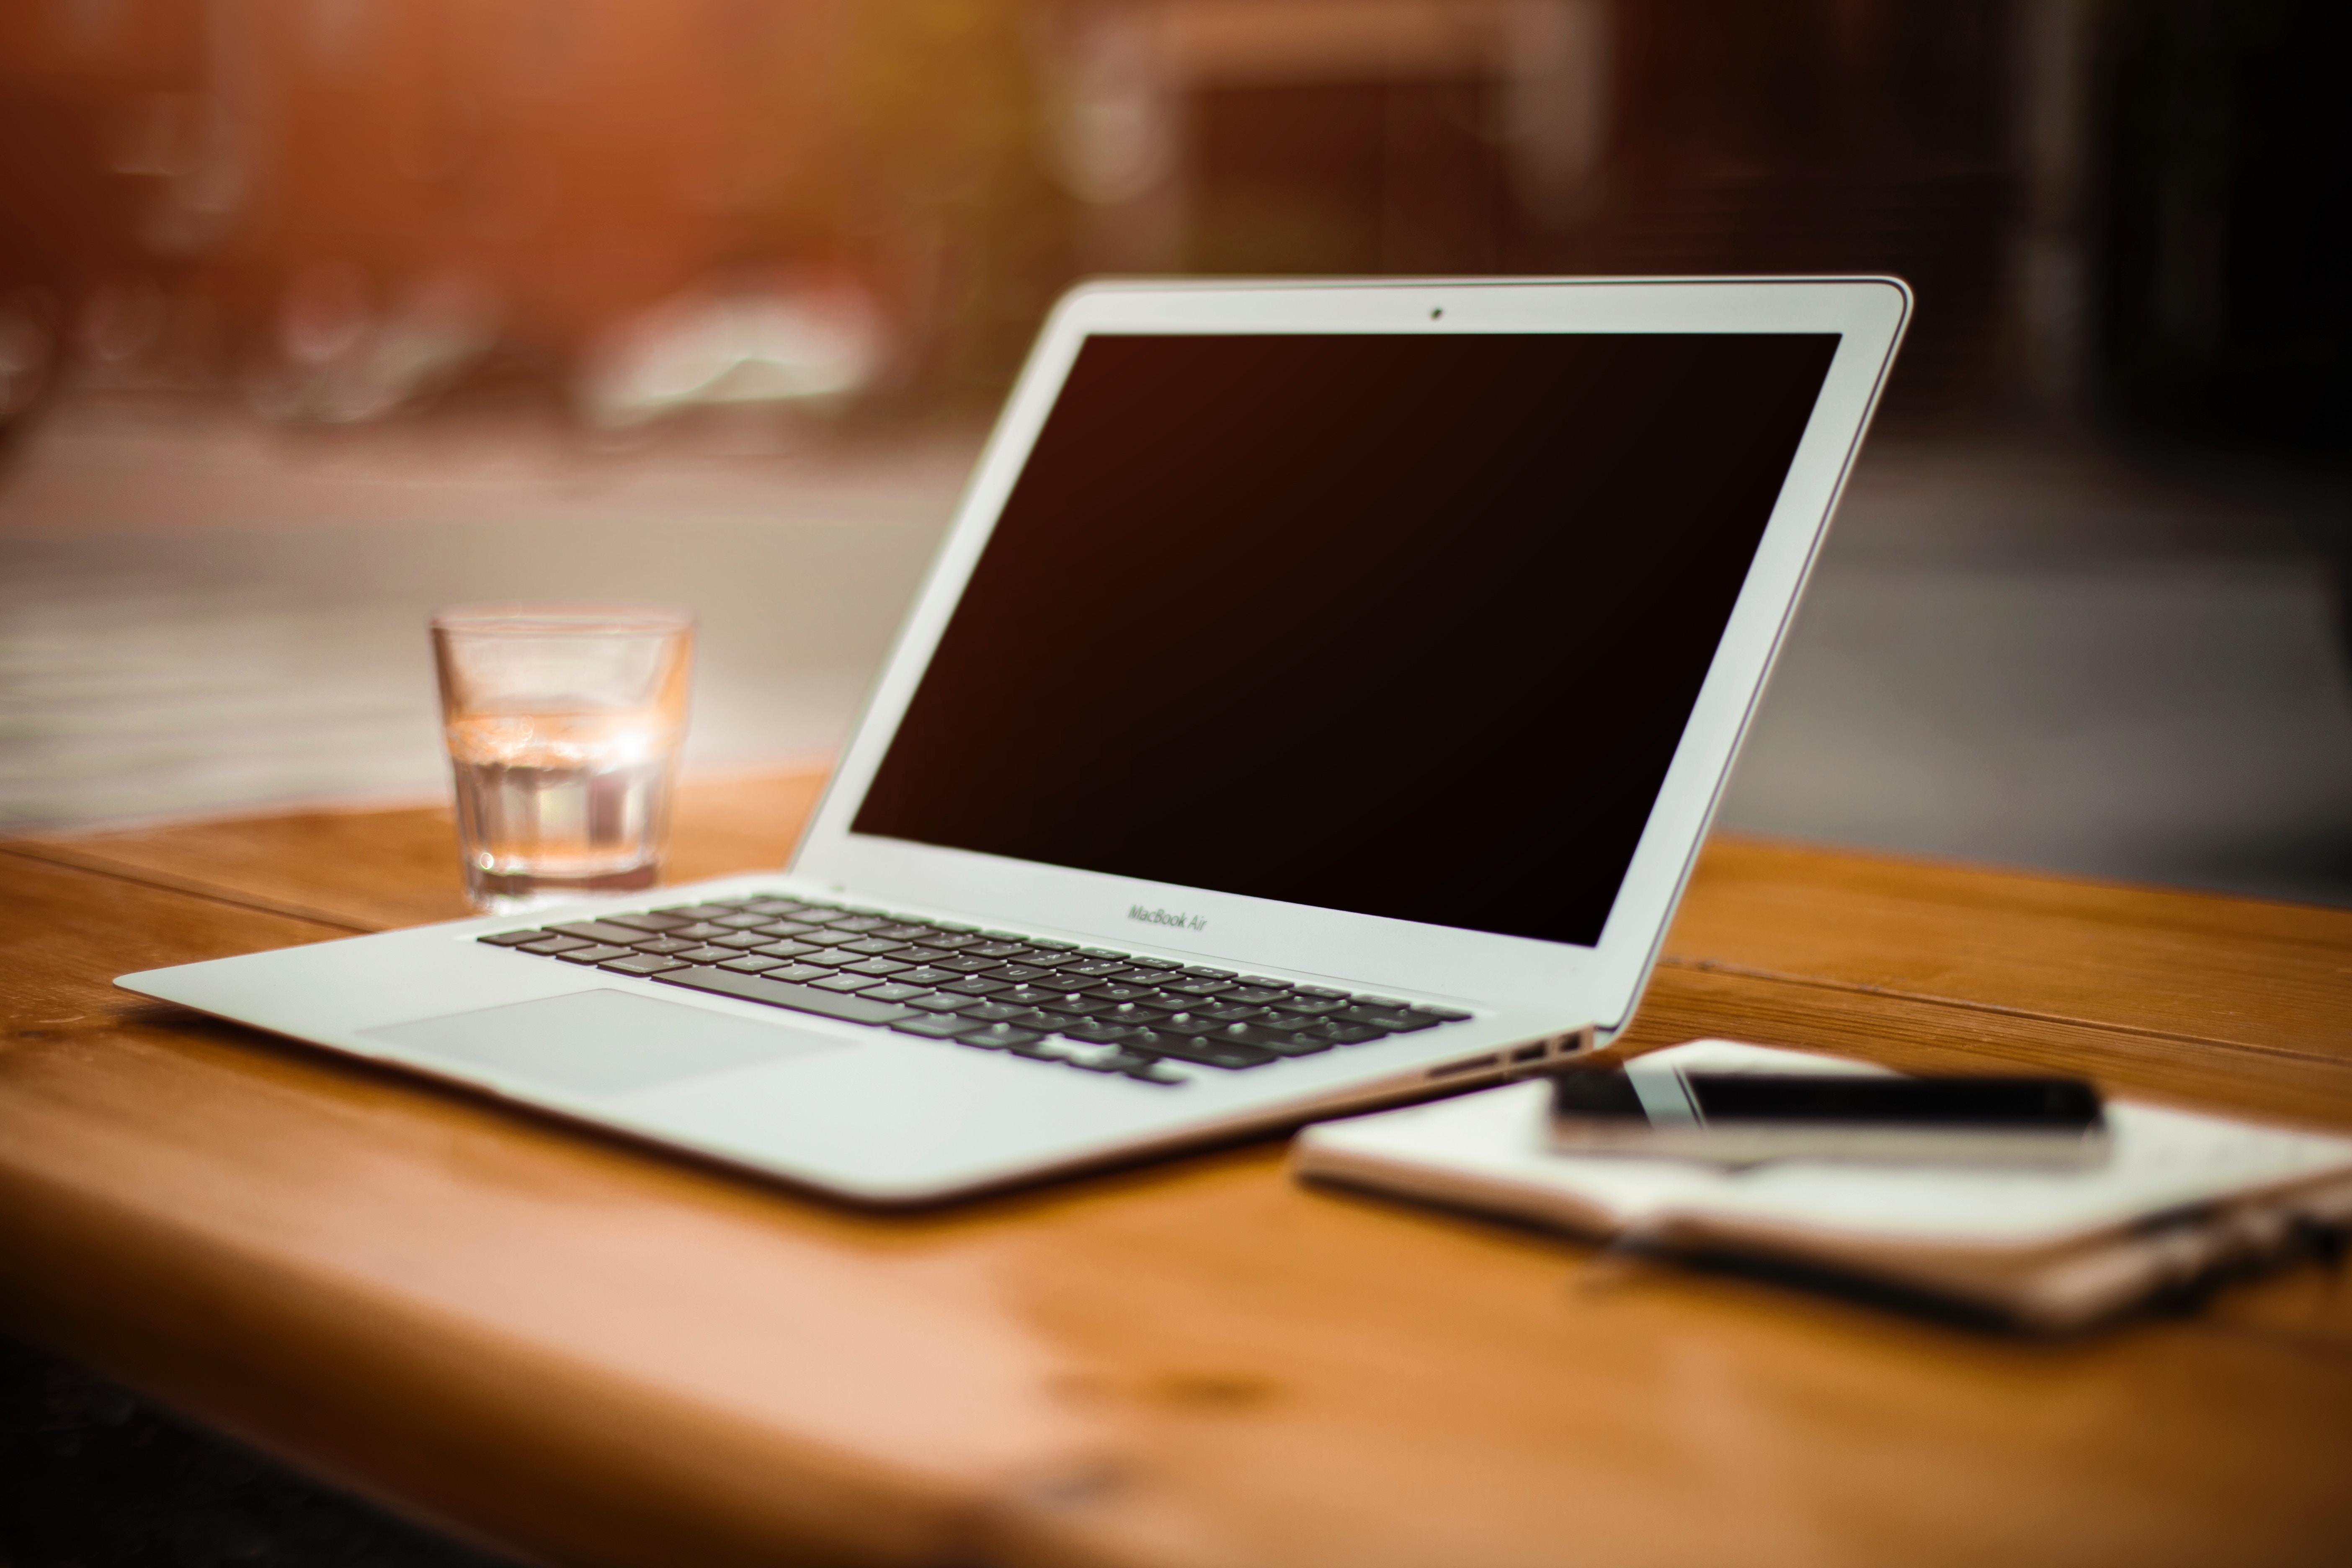 Custom and Affordable Blog Design Services in Kenya 2019